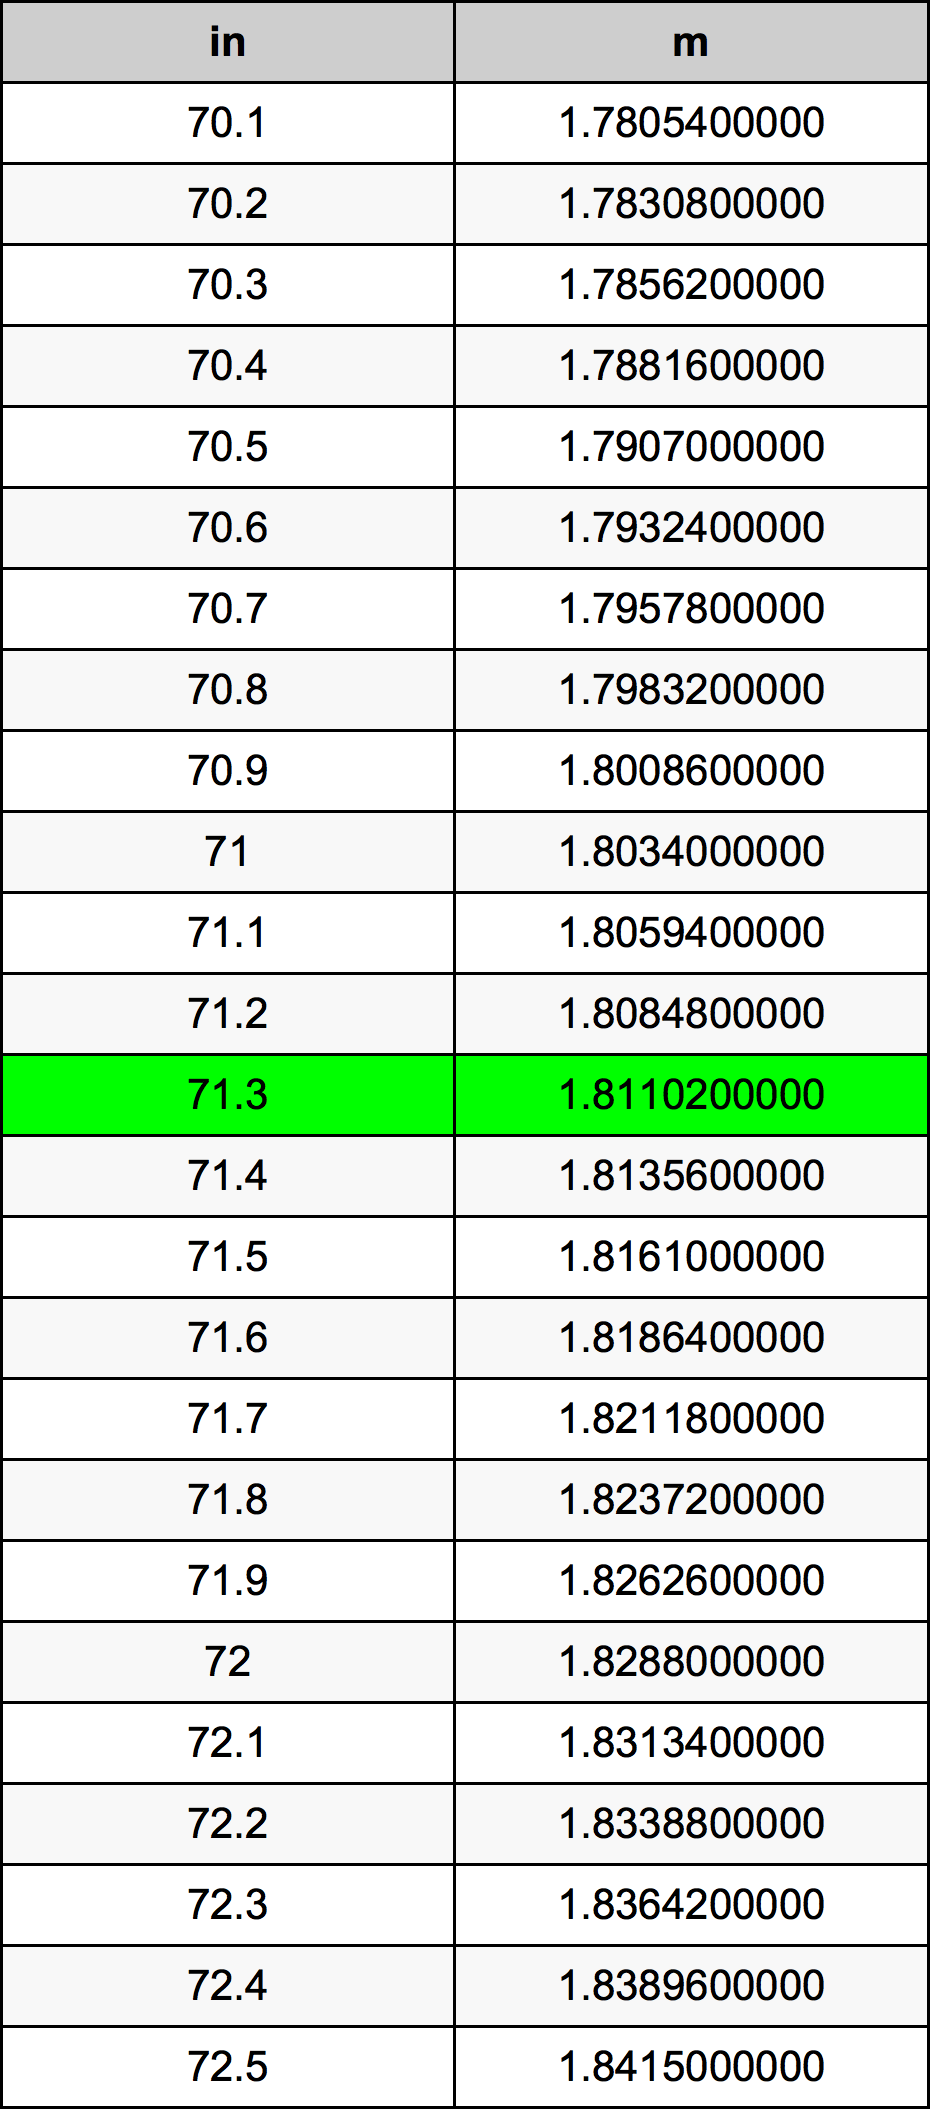 71.3 Inch conversietabel